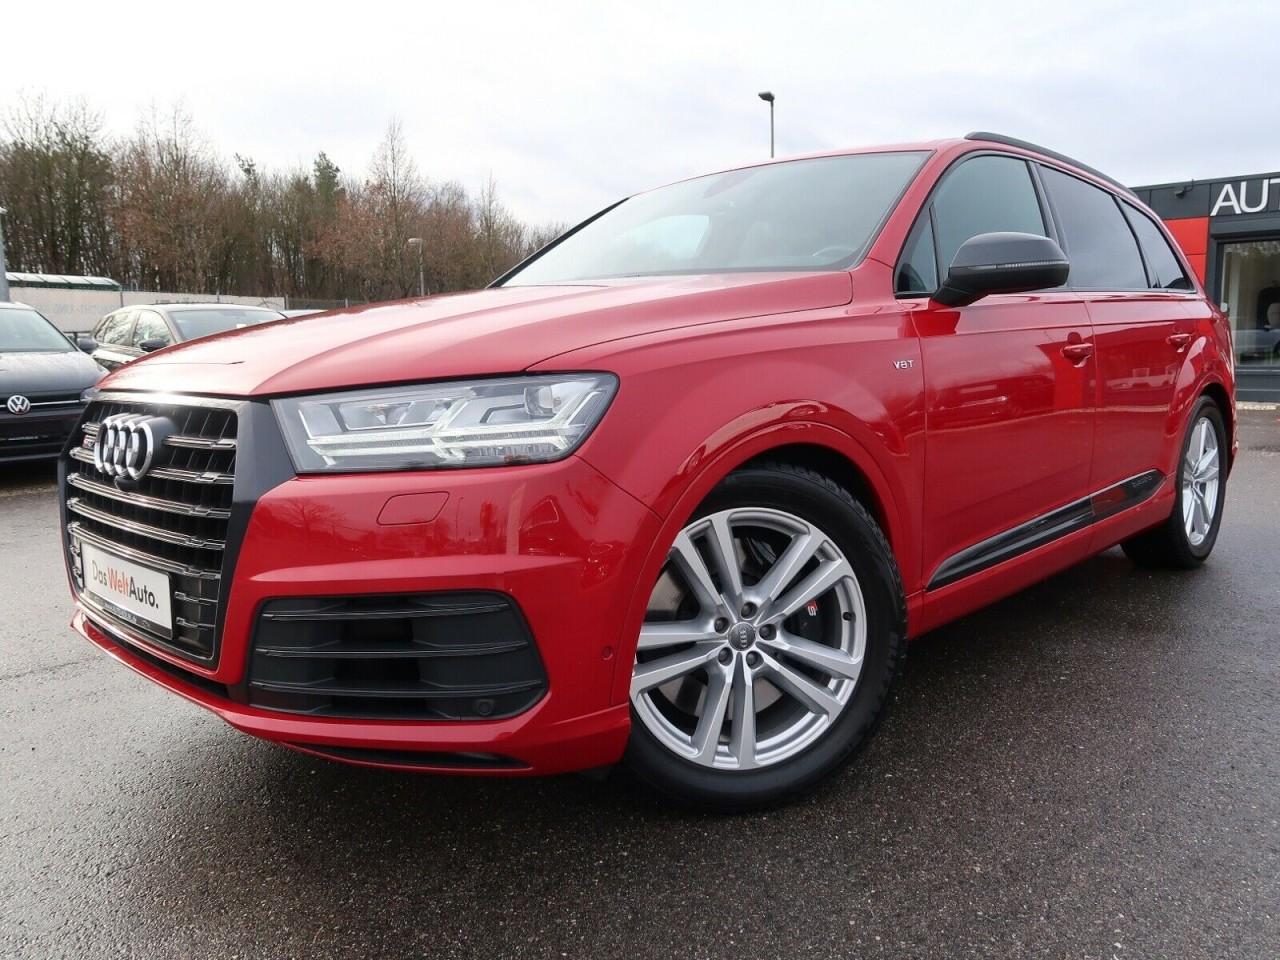 Audi SQ7 4,0 TDI Q